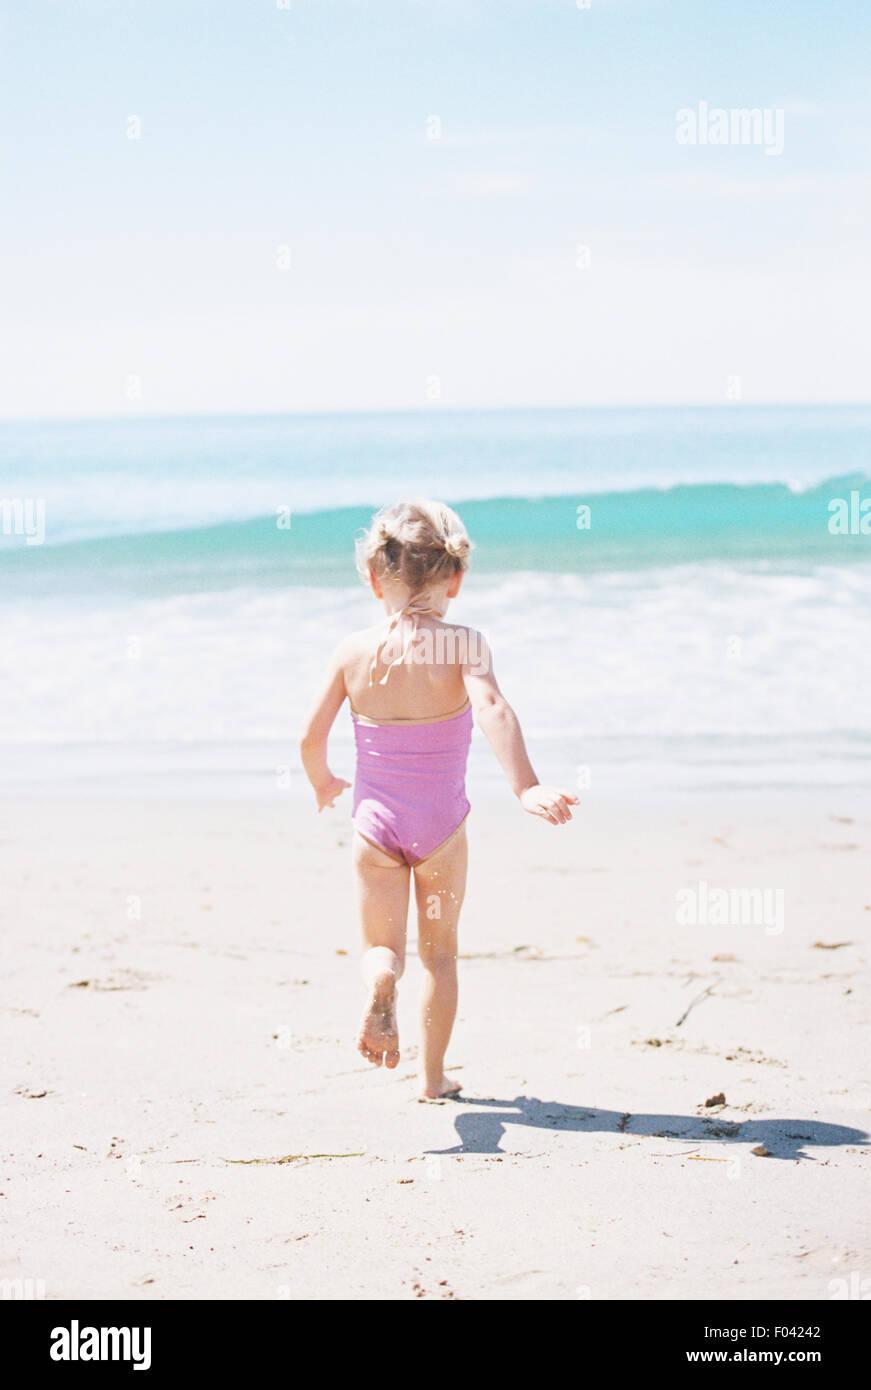 Giovane ragazza in un costume da bagno rosa in esecuzione su di una spiaggia di sabbia. Immagini Stock